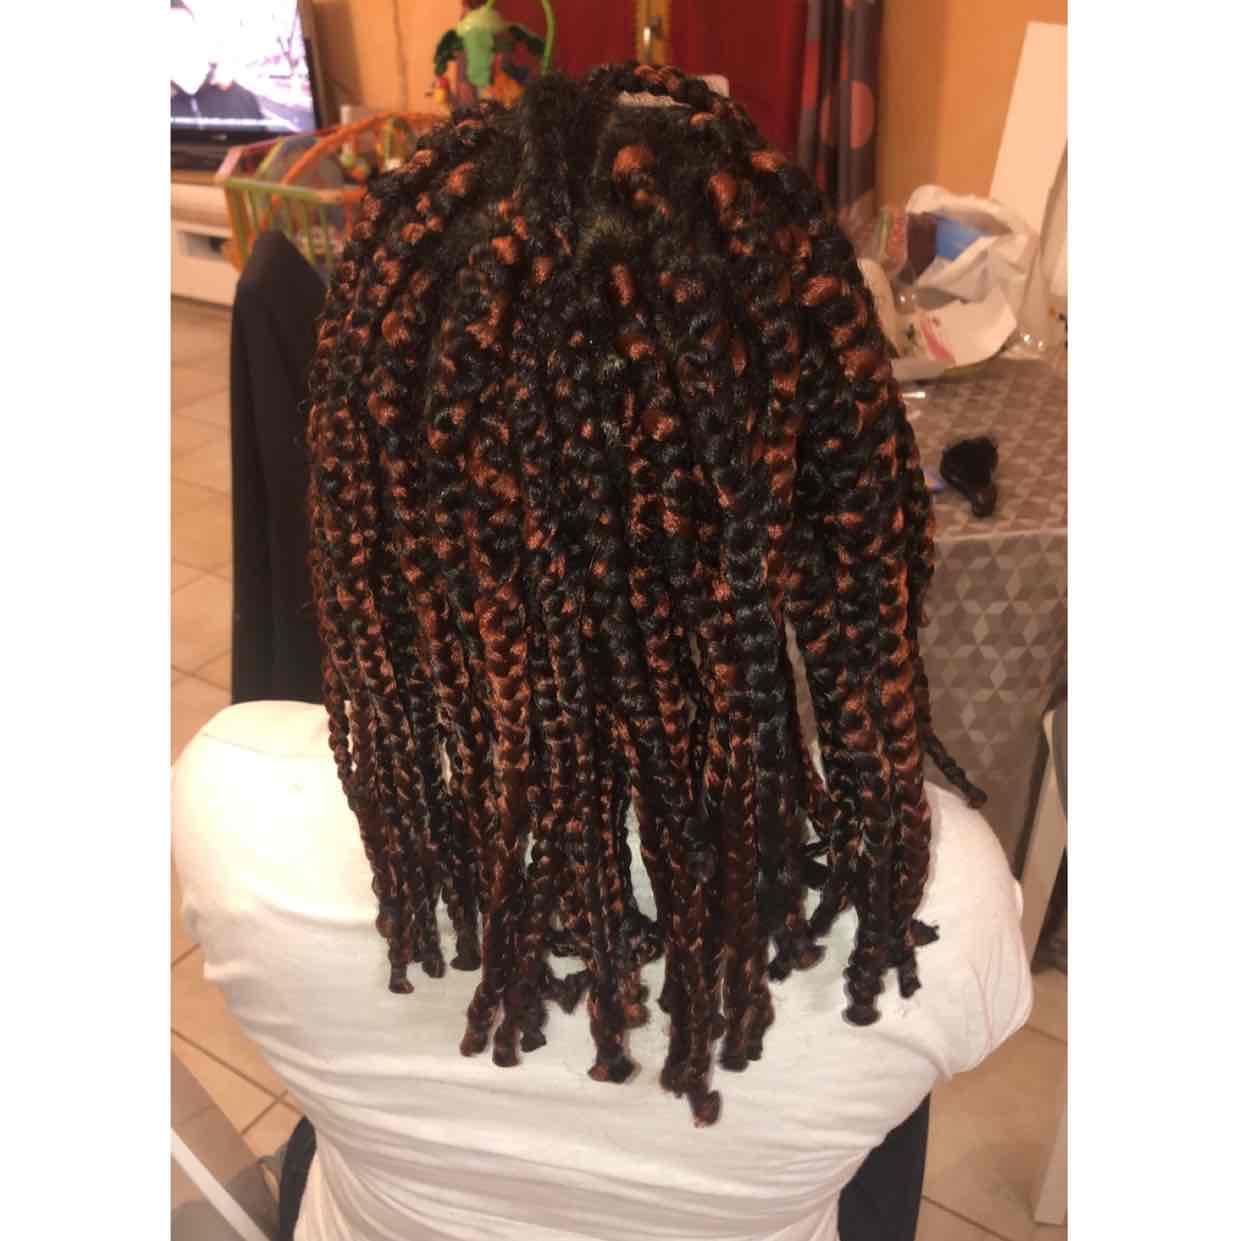 salon de coiffure afro tresse tresses box braids crochet braids vanilles tissages paris 75 77 78 91 92 93 94 95 OQRQQQMS